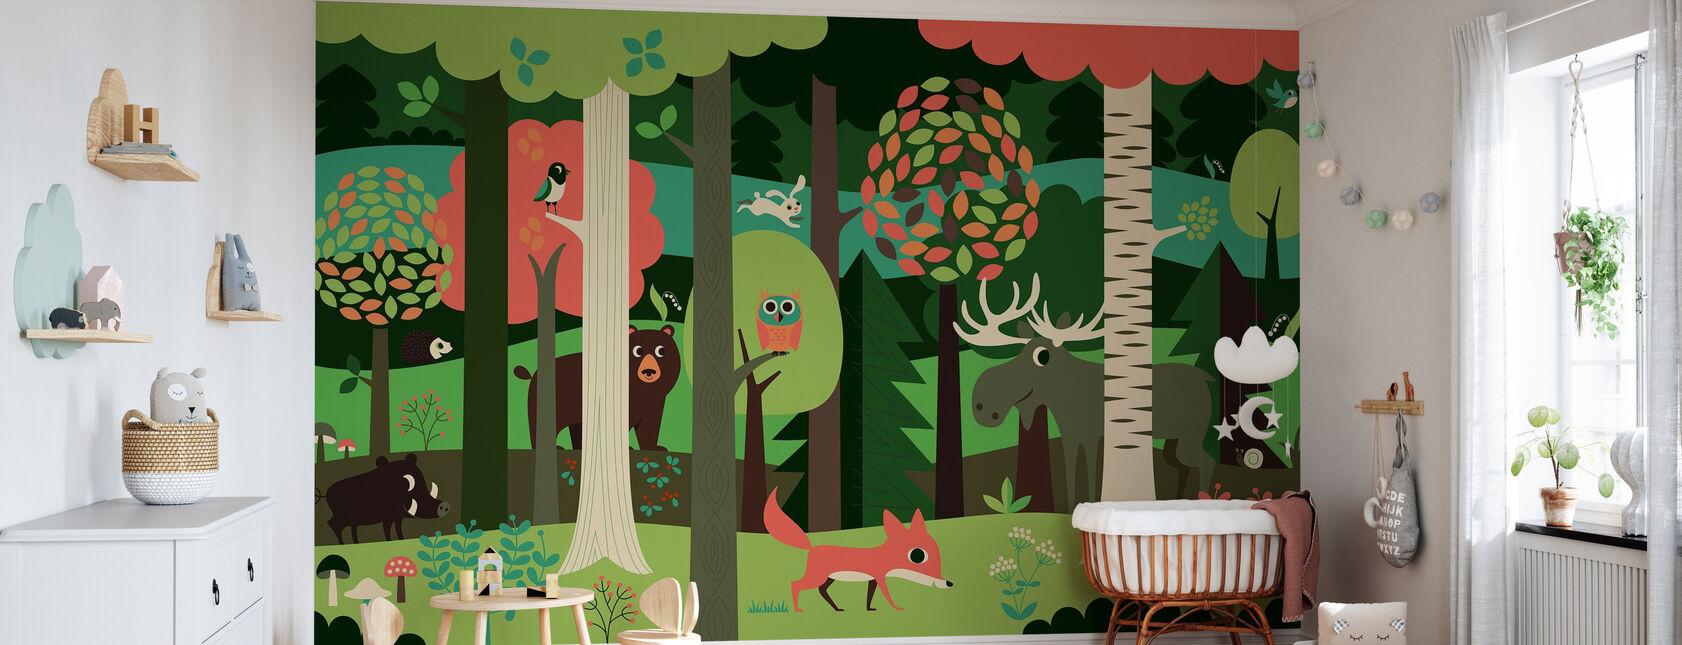 I skogen - Grønn - Tapet - Babyrom